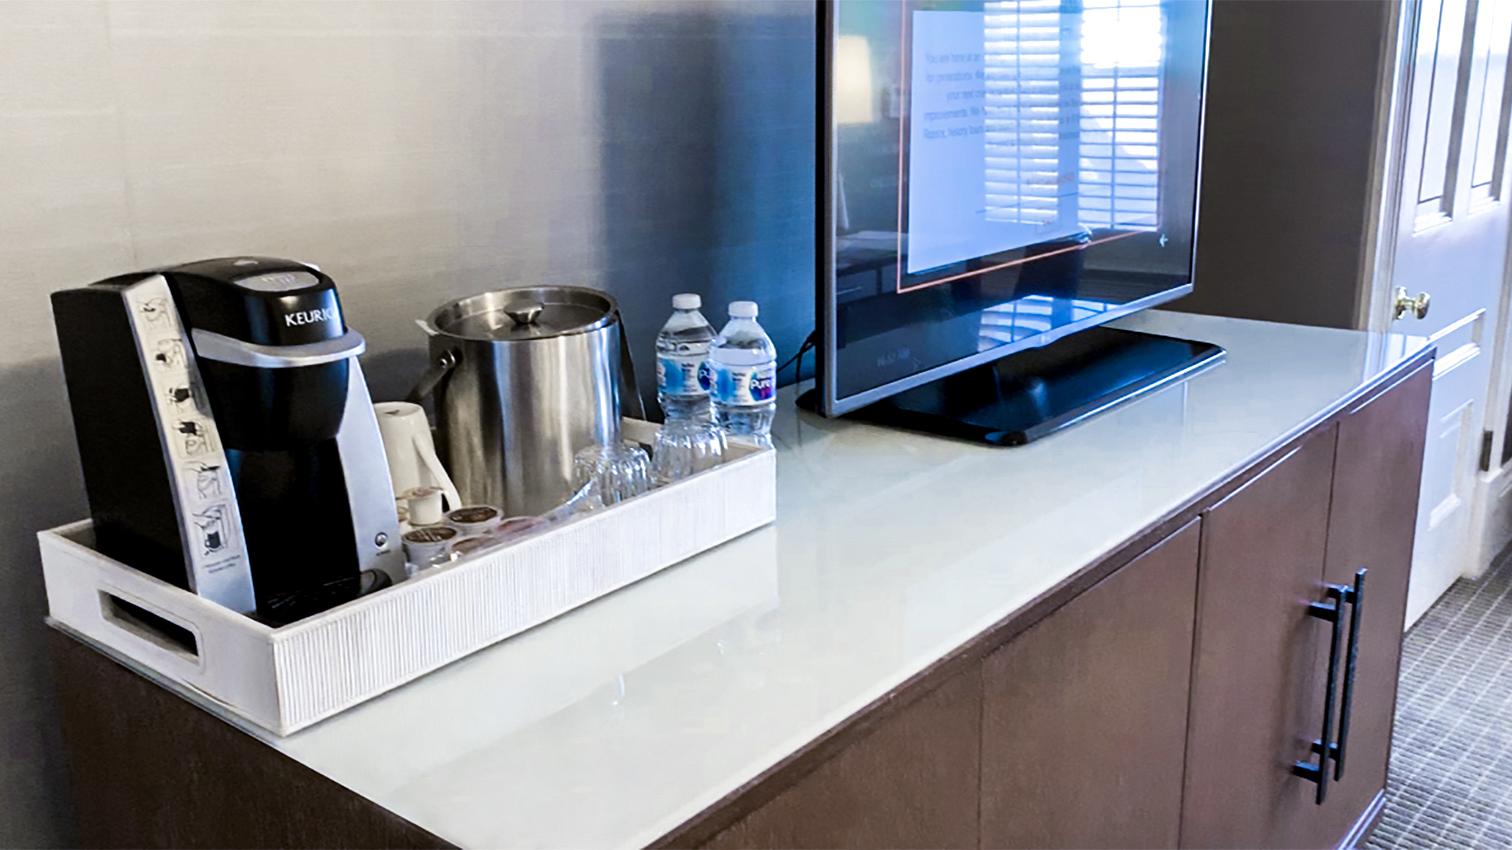 Hotel del Coronado Keurig and Water bottles in room